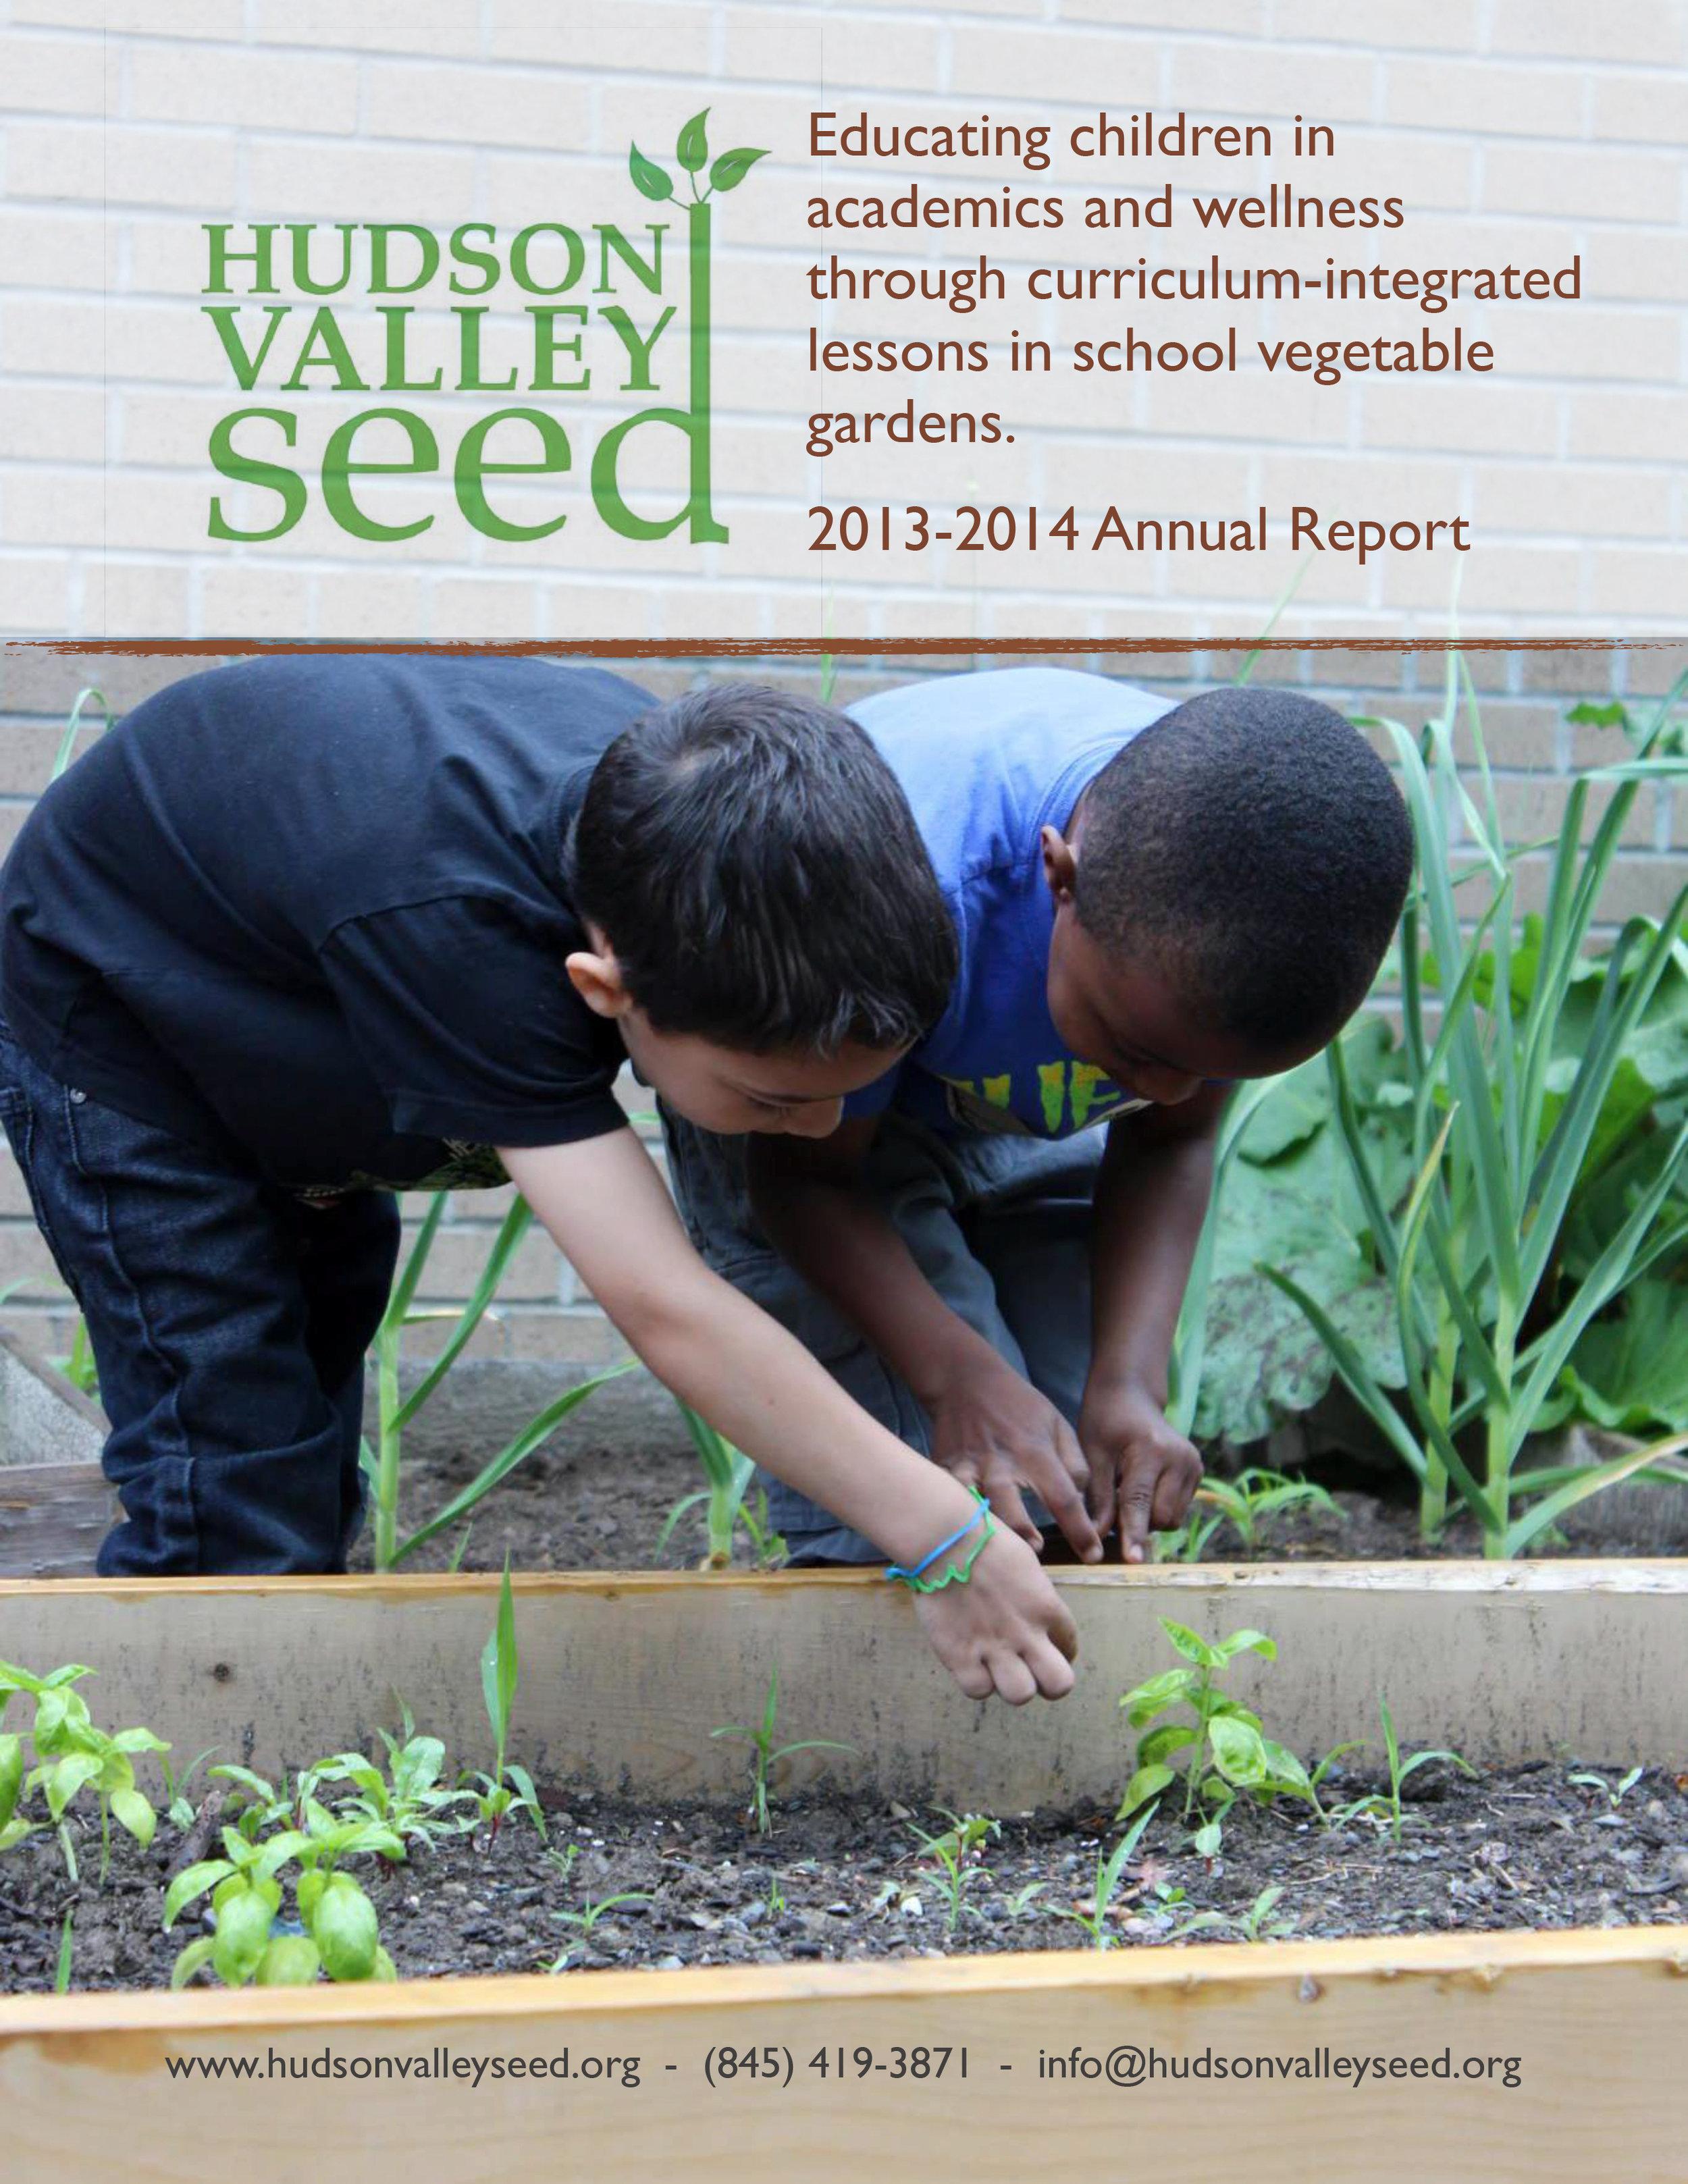 HVS+2014+Annual+Report-1 cover.jpg